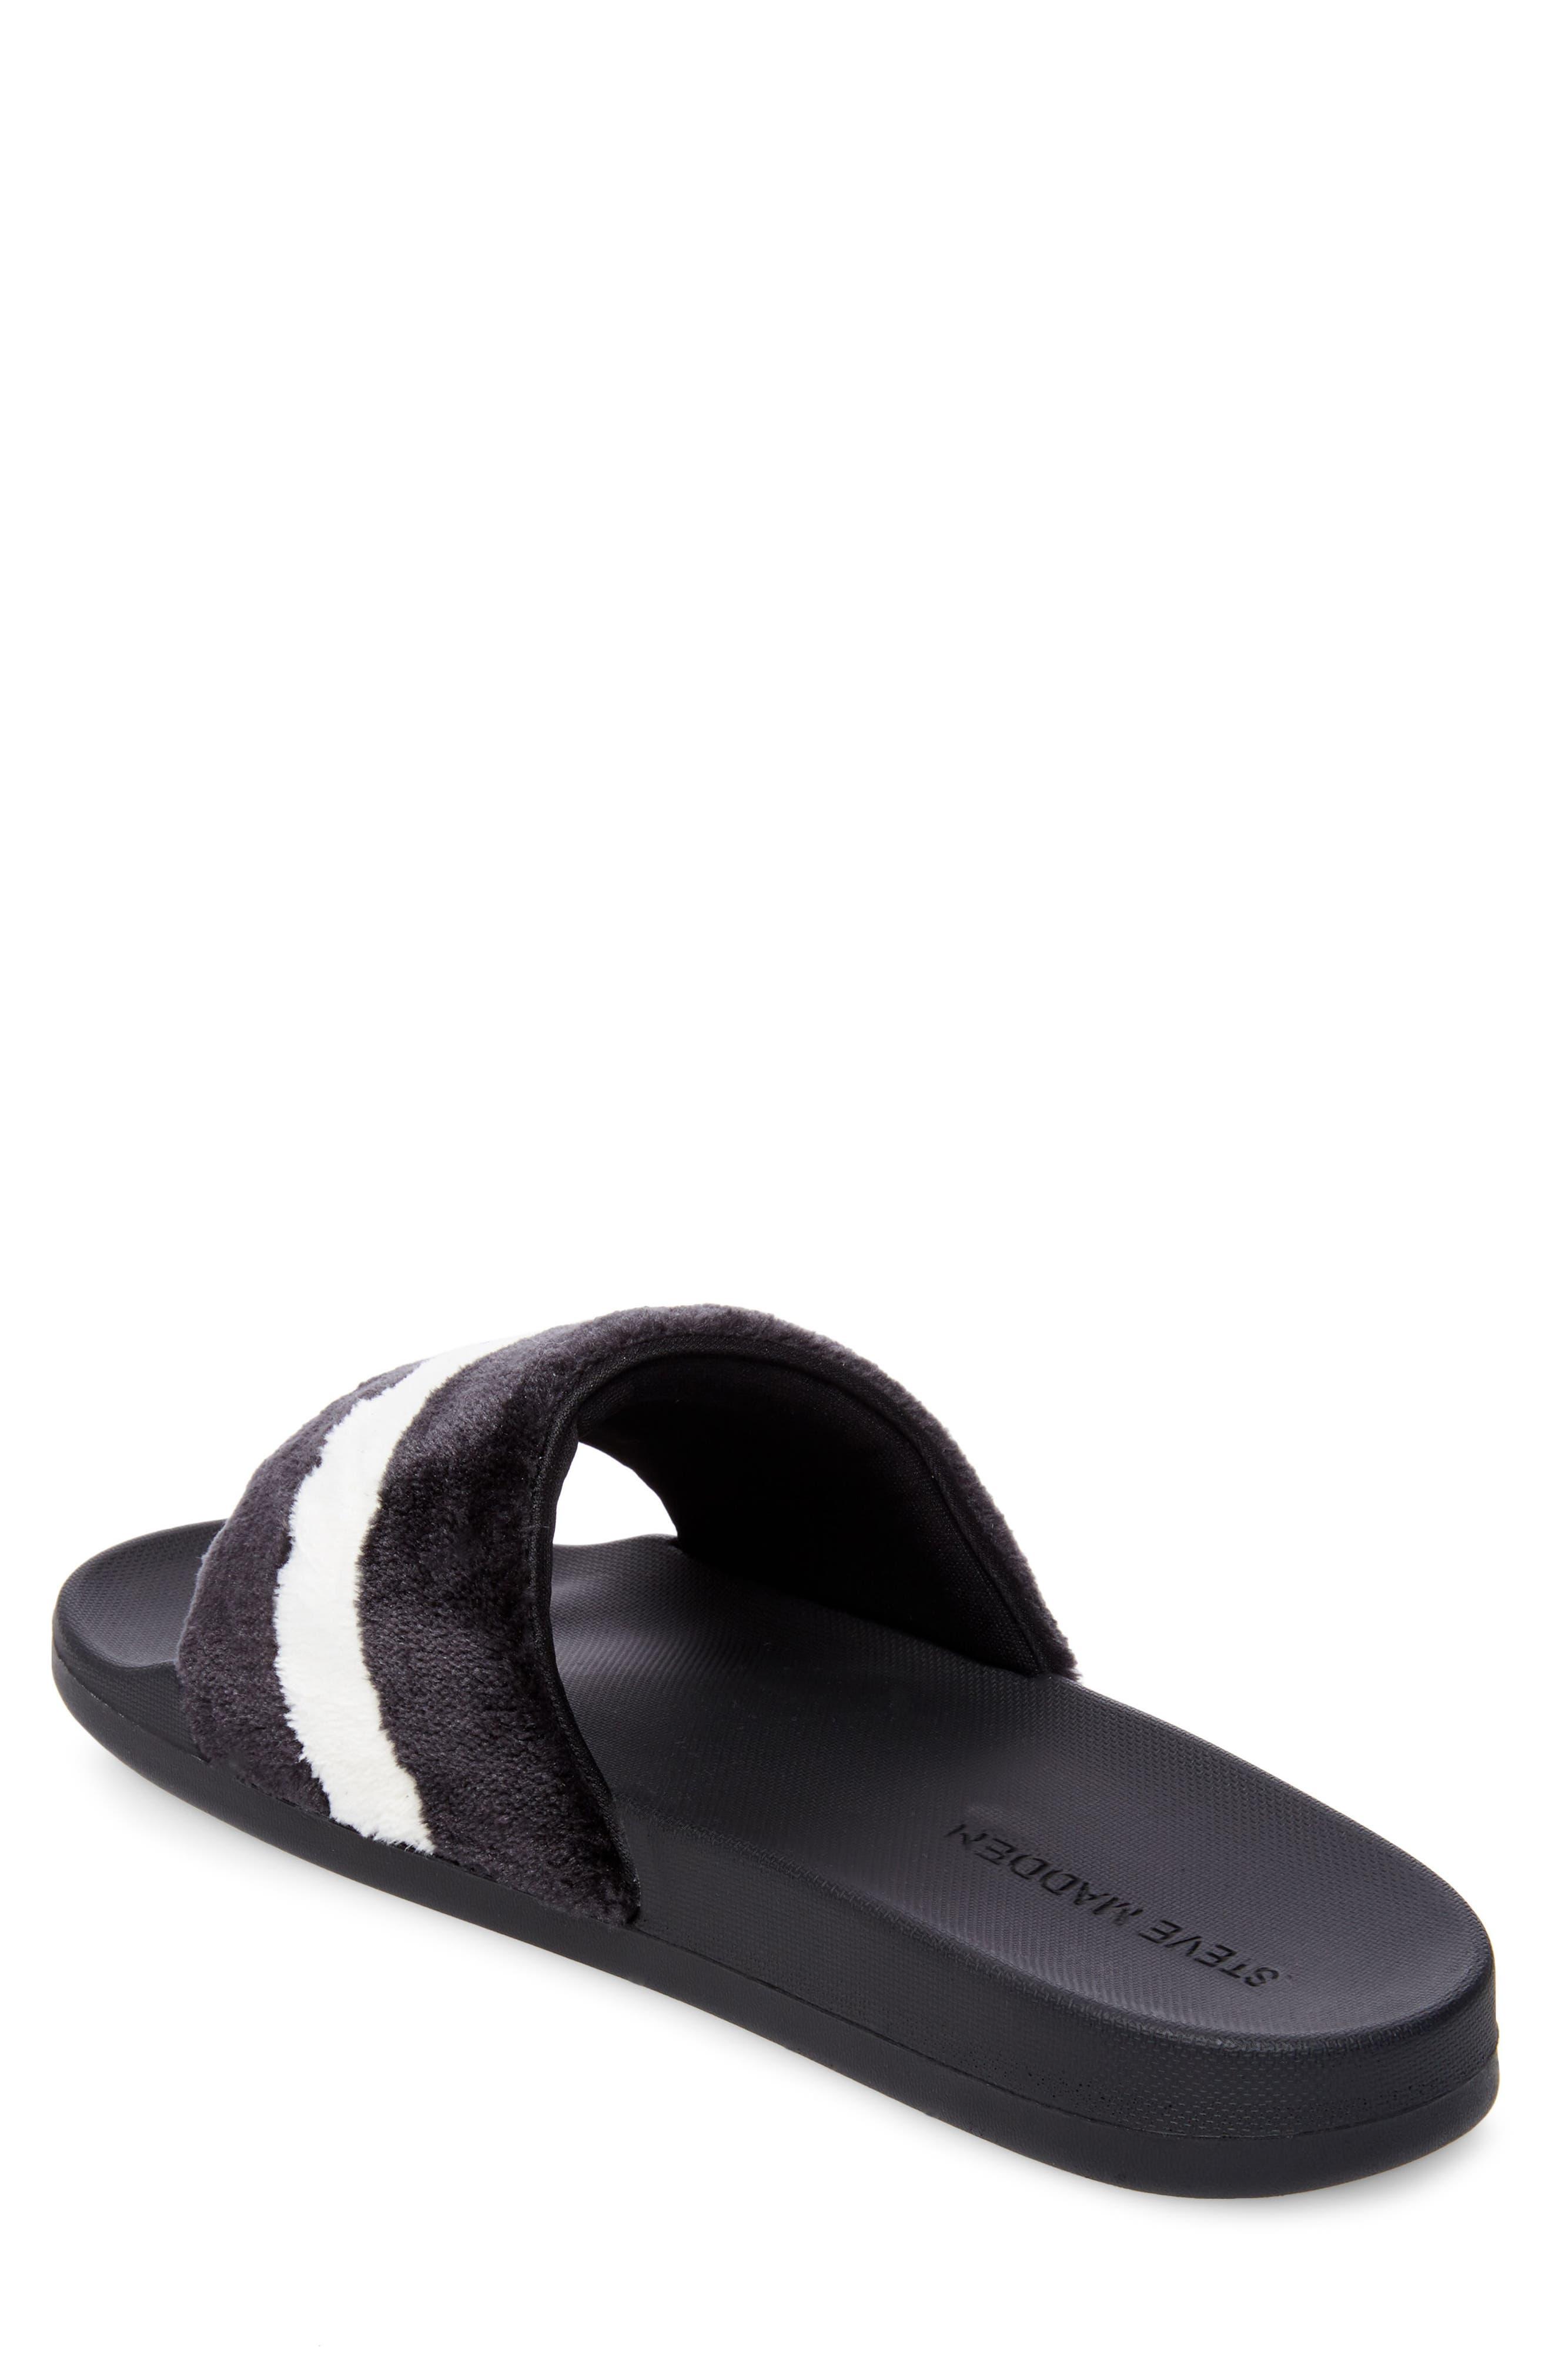 Resport Plush Slide Sandal,                             Alternate thumbnail 2, color,                             Black/ White